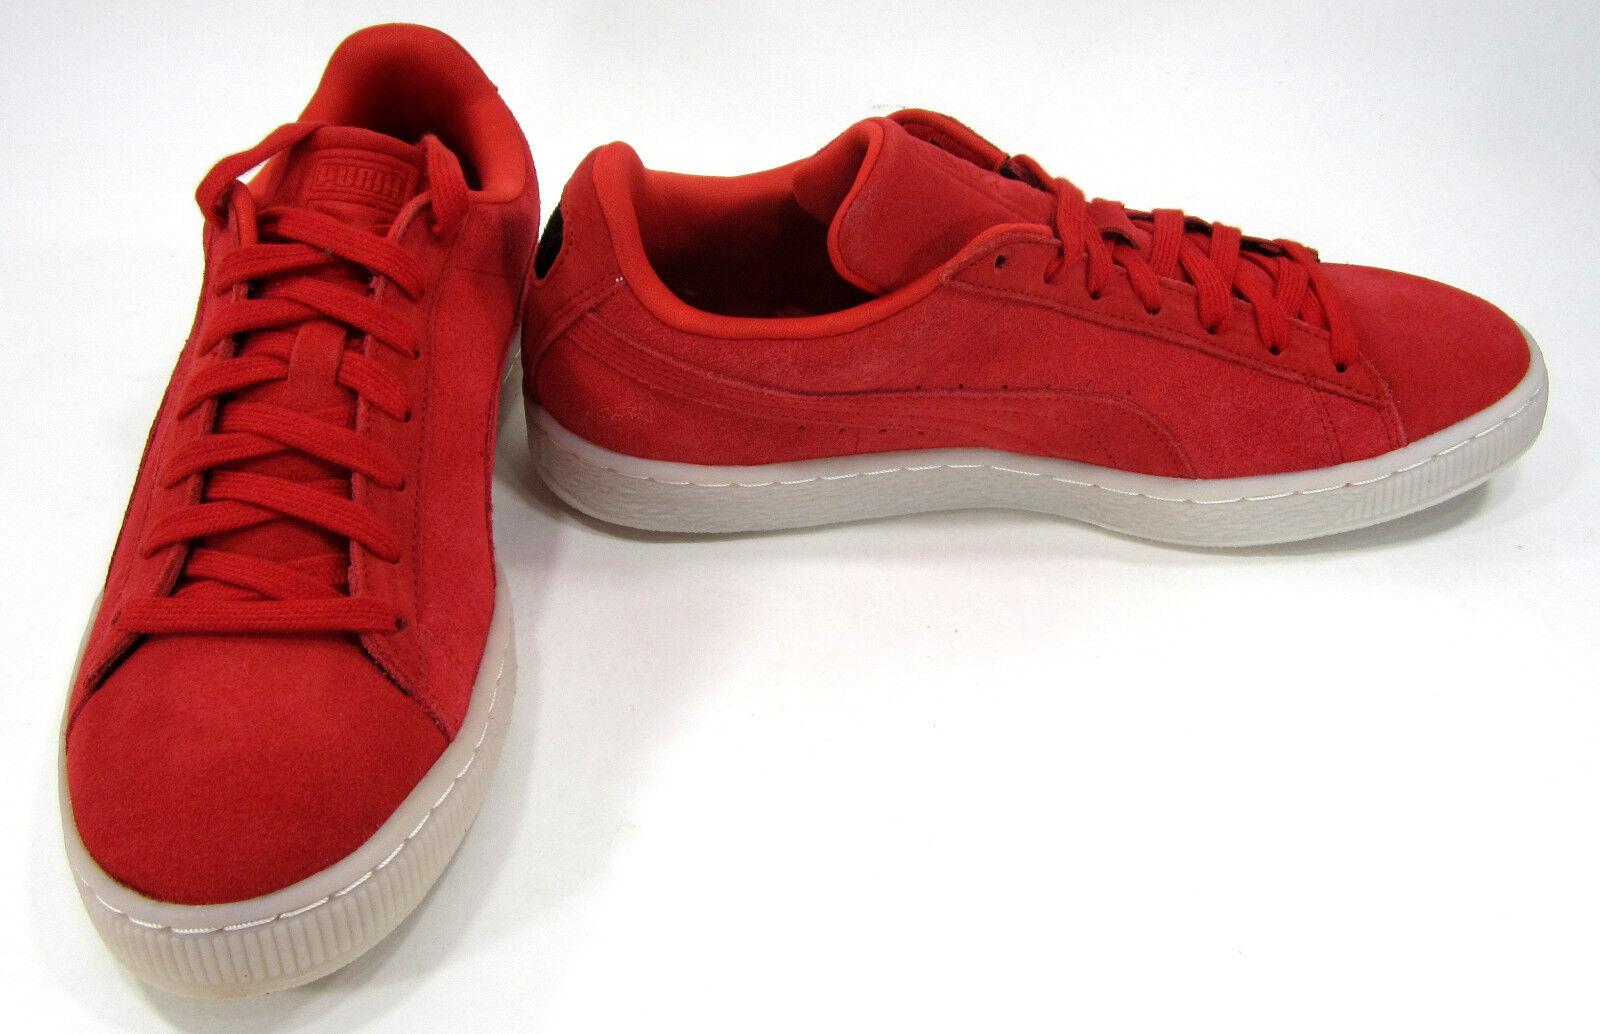 Puma Scarpe Suede Classic Colored High Risk Red Scarpe da Ginnastica Taglia 9.5